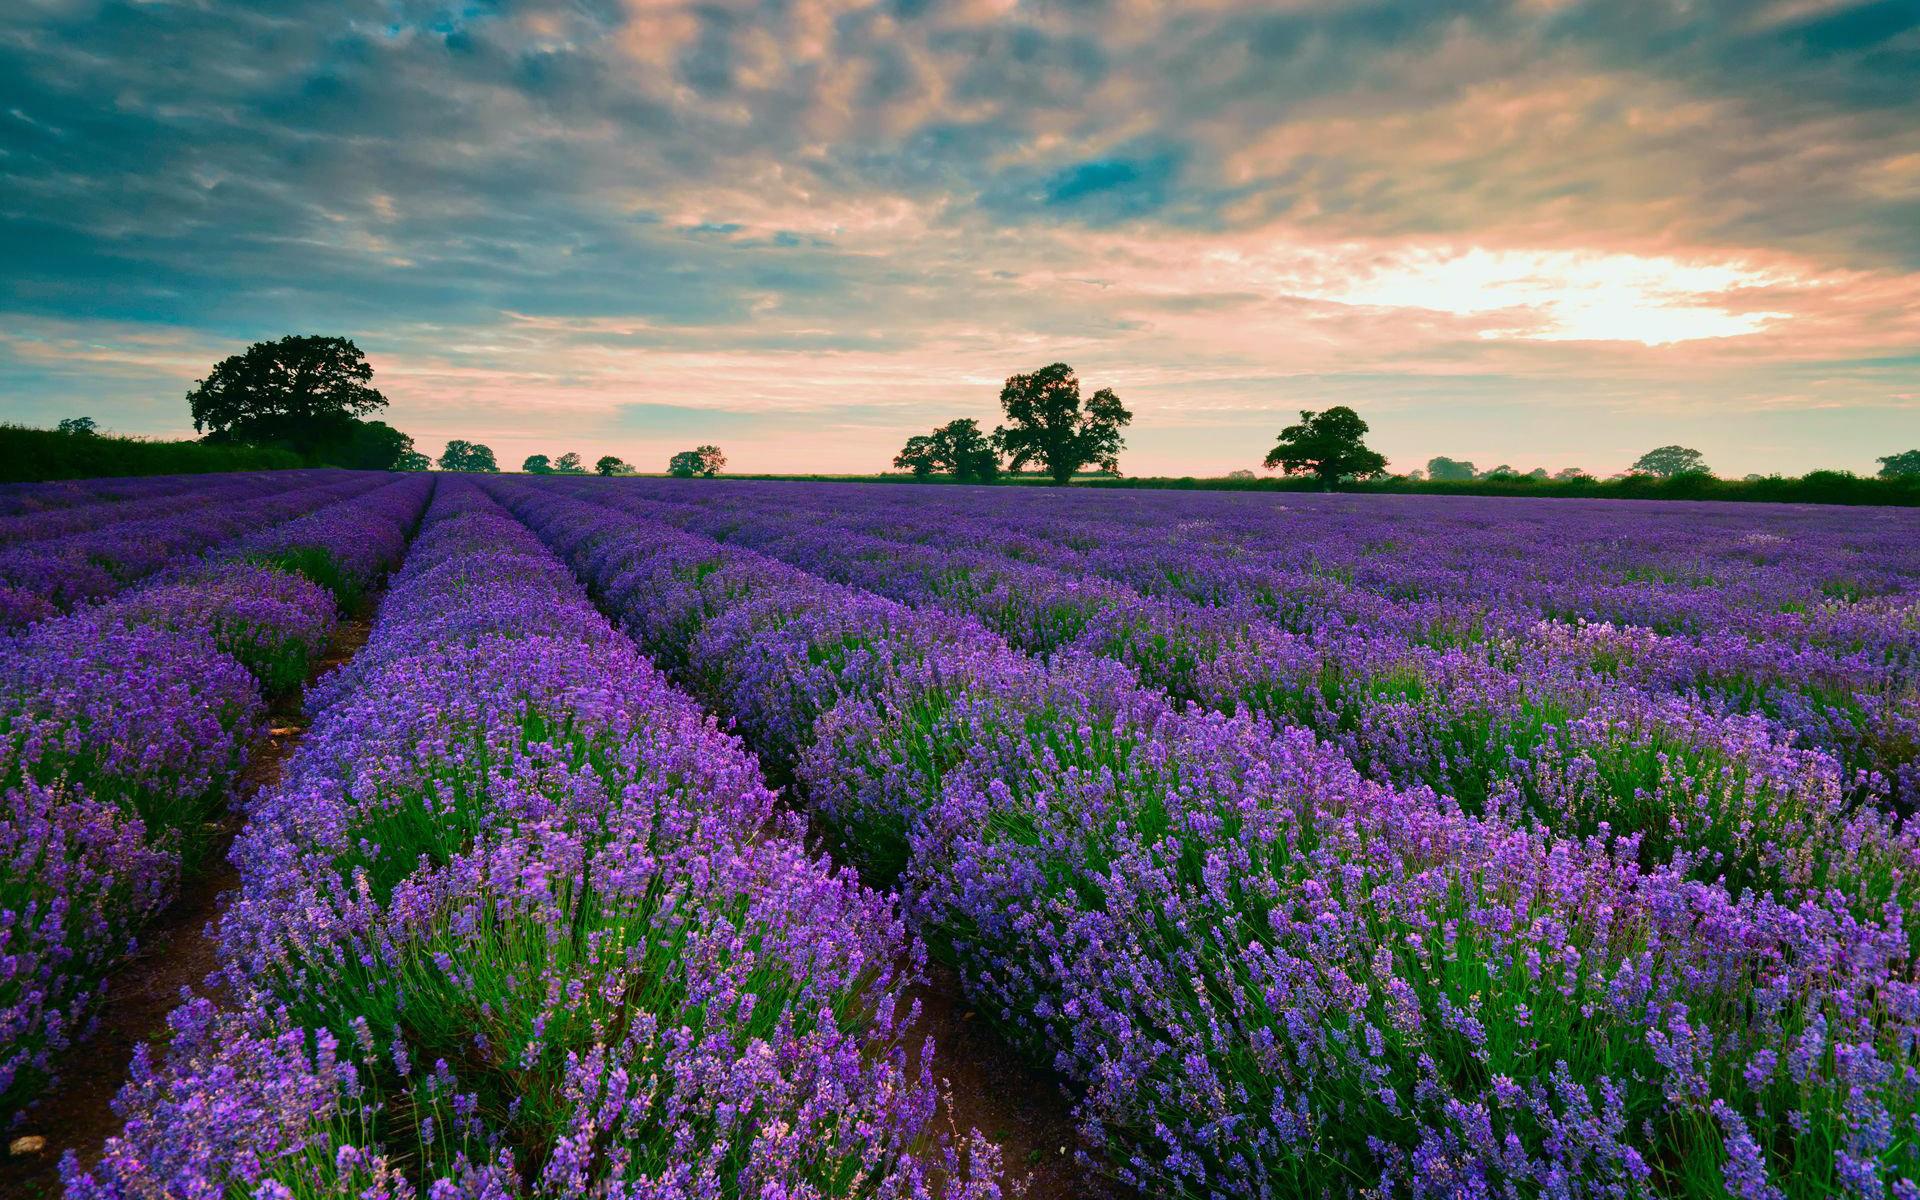 Purple fields of lavender wallpaper 16979 1920x1200